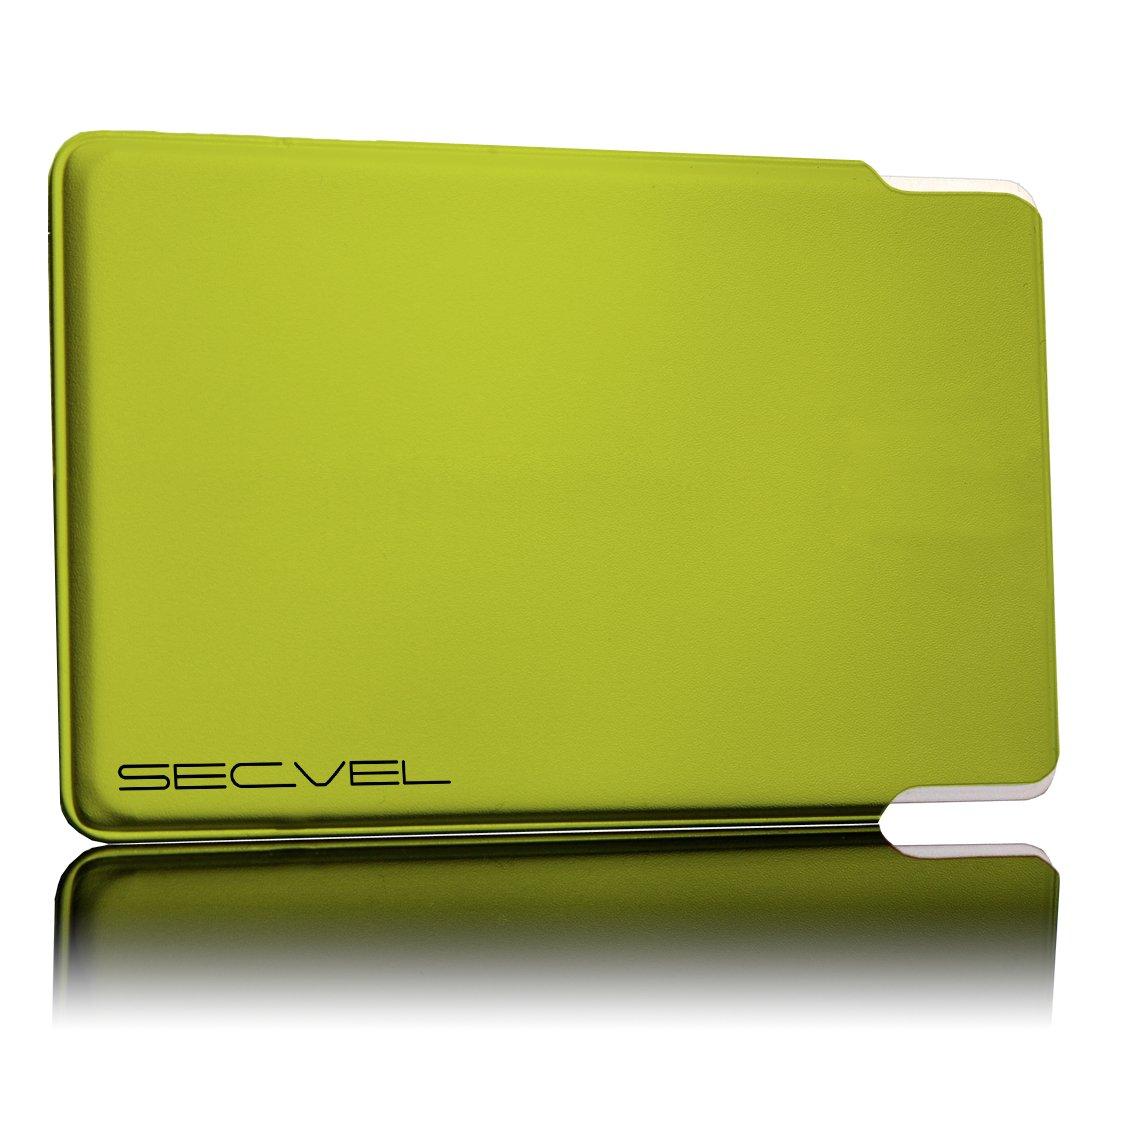 Portofino LeNOUVEAU et AME/´LIORE/´ /Étui de carte bancaire young style SECVEL protection RFID//NFC et champs magn/étiques